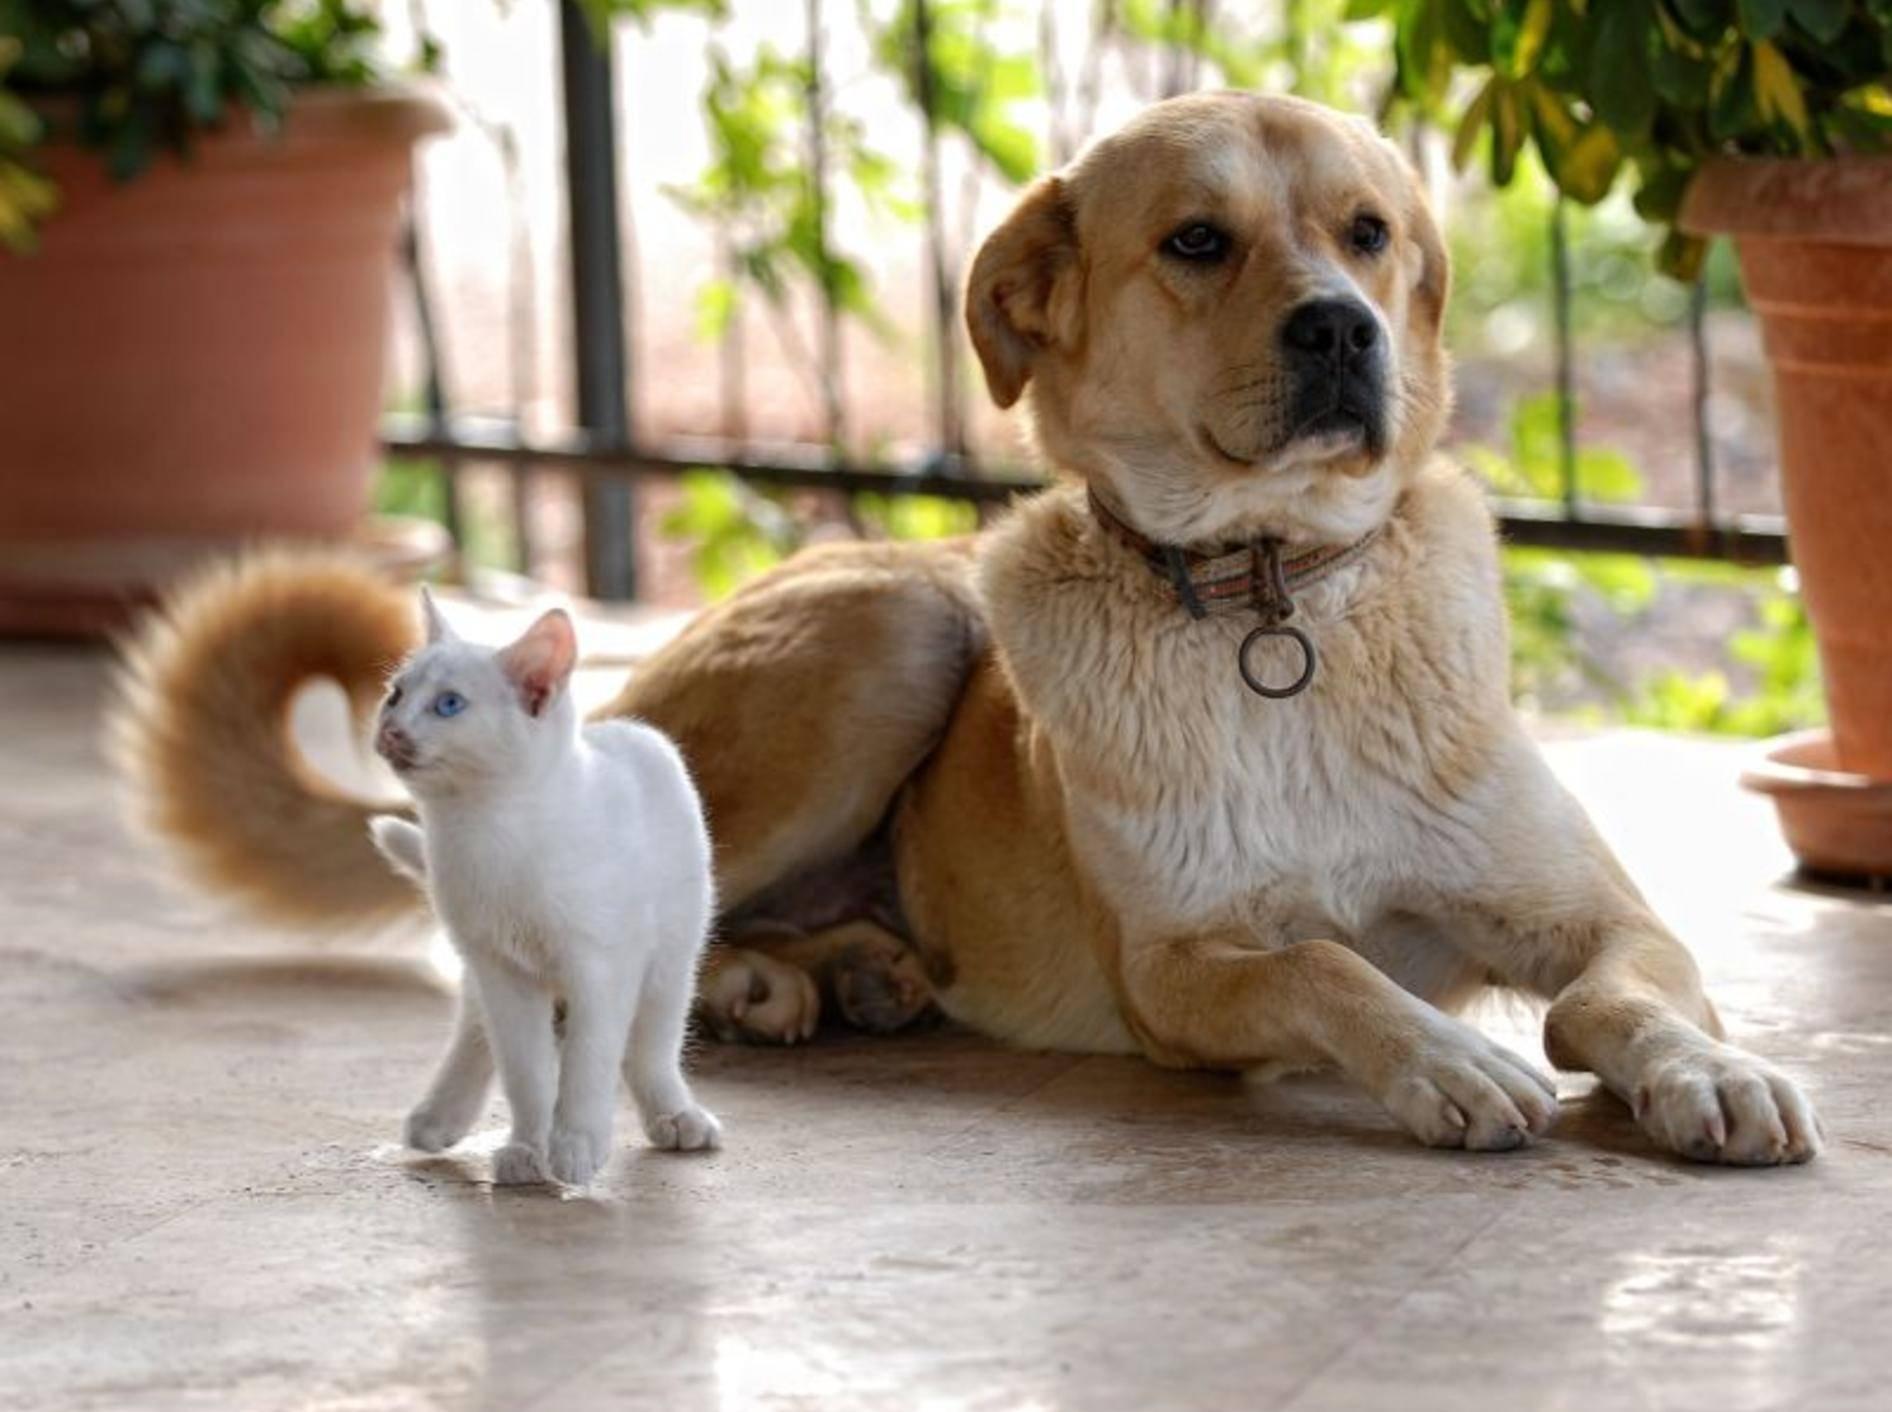 Zusammenführen von Katze und Hund ist oft ein Problem der Kommunikation — Bild: Shutterstock / Nikoner